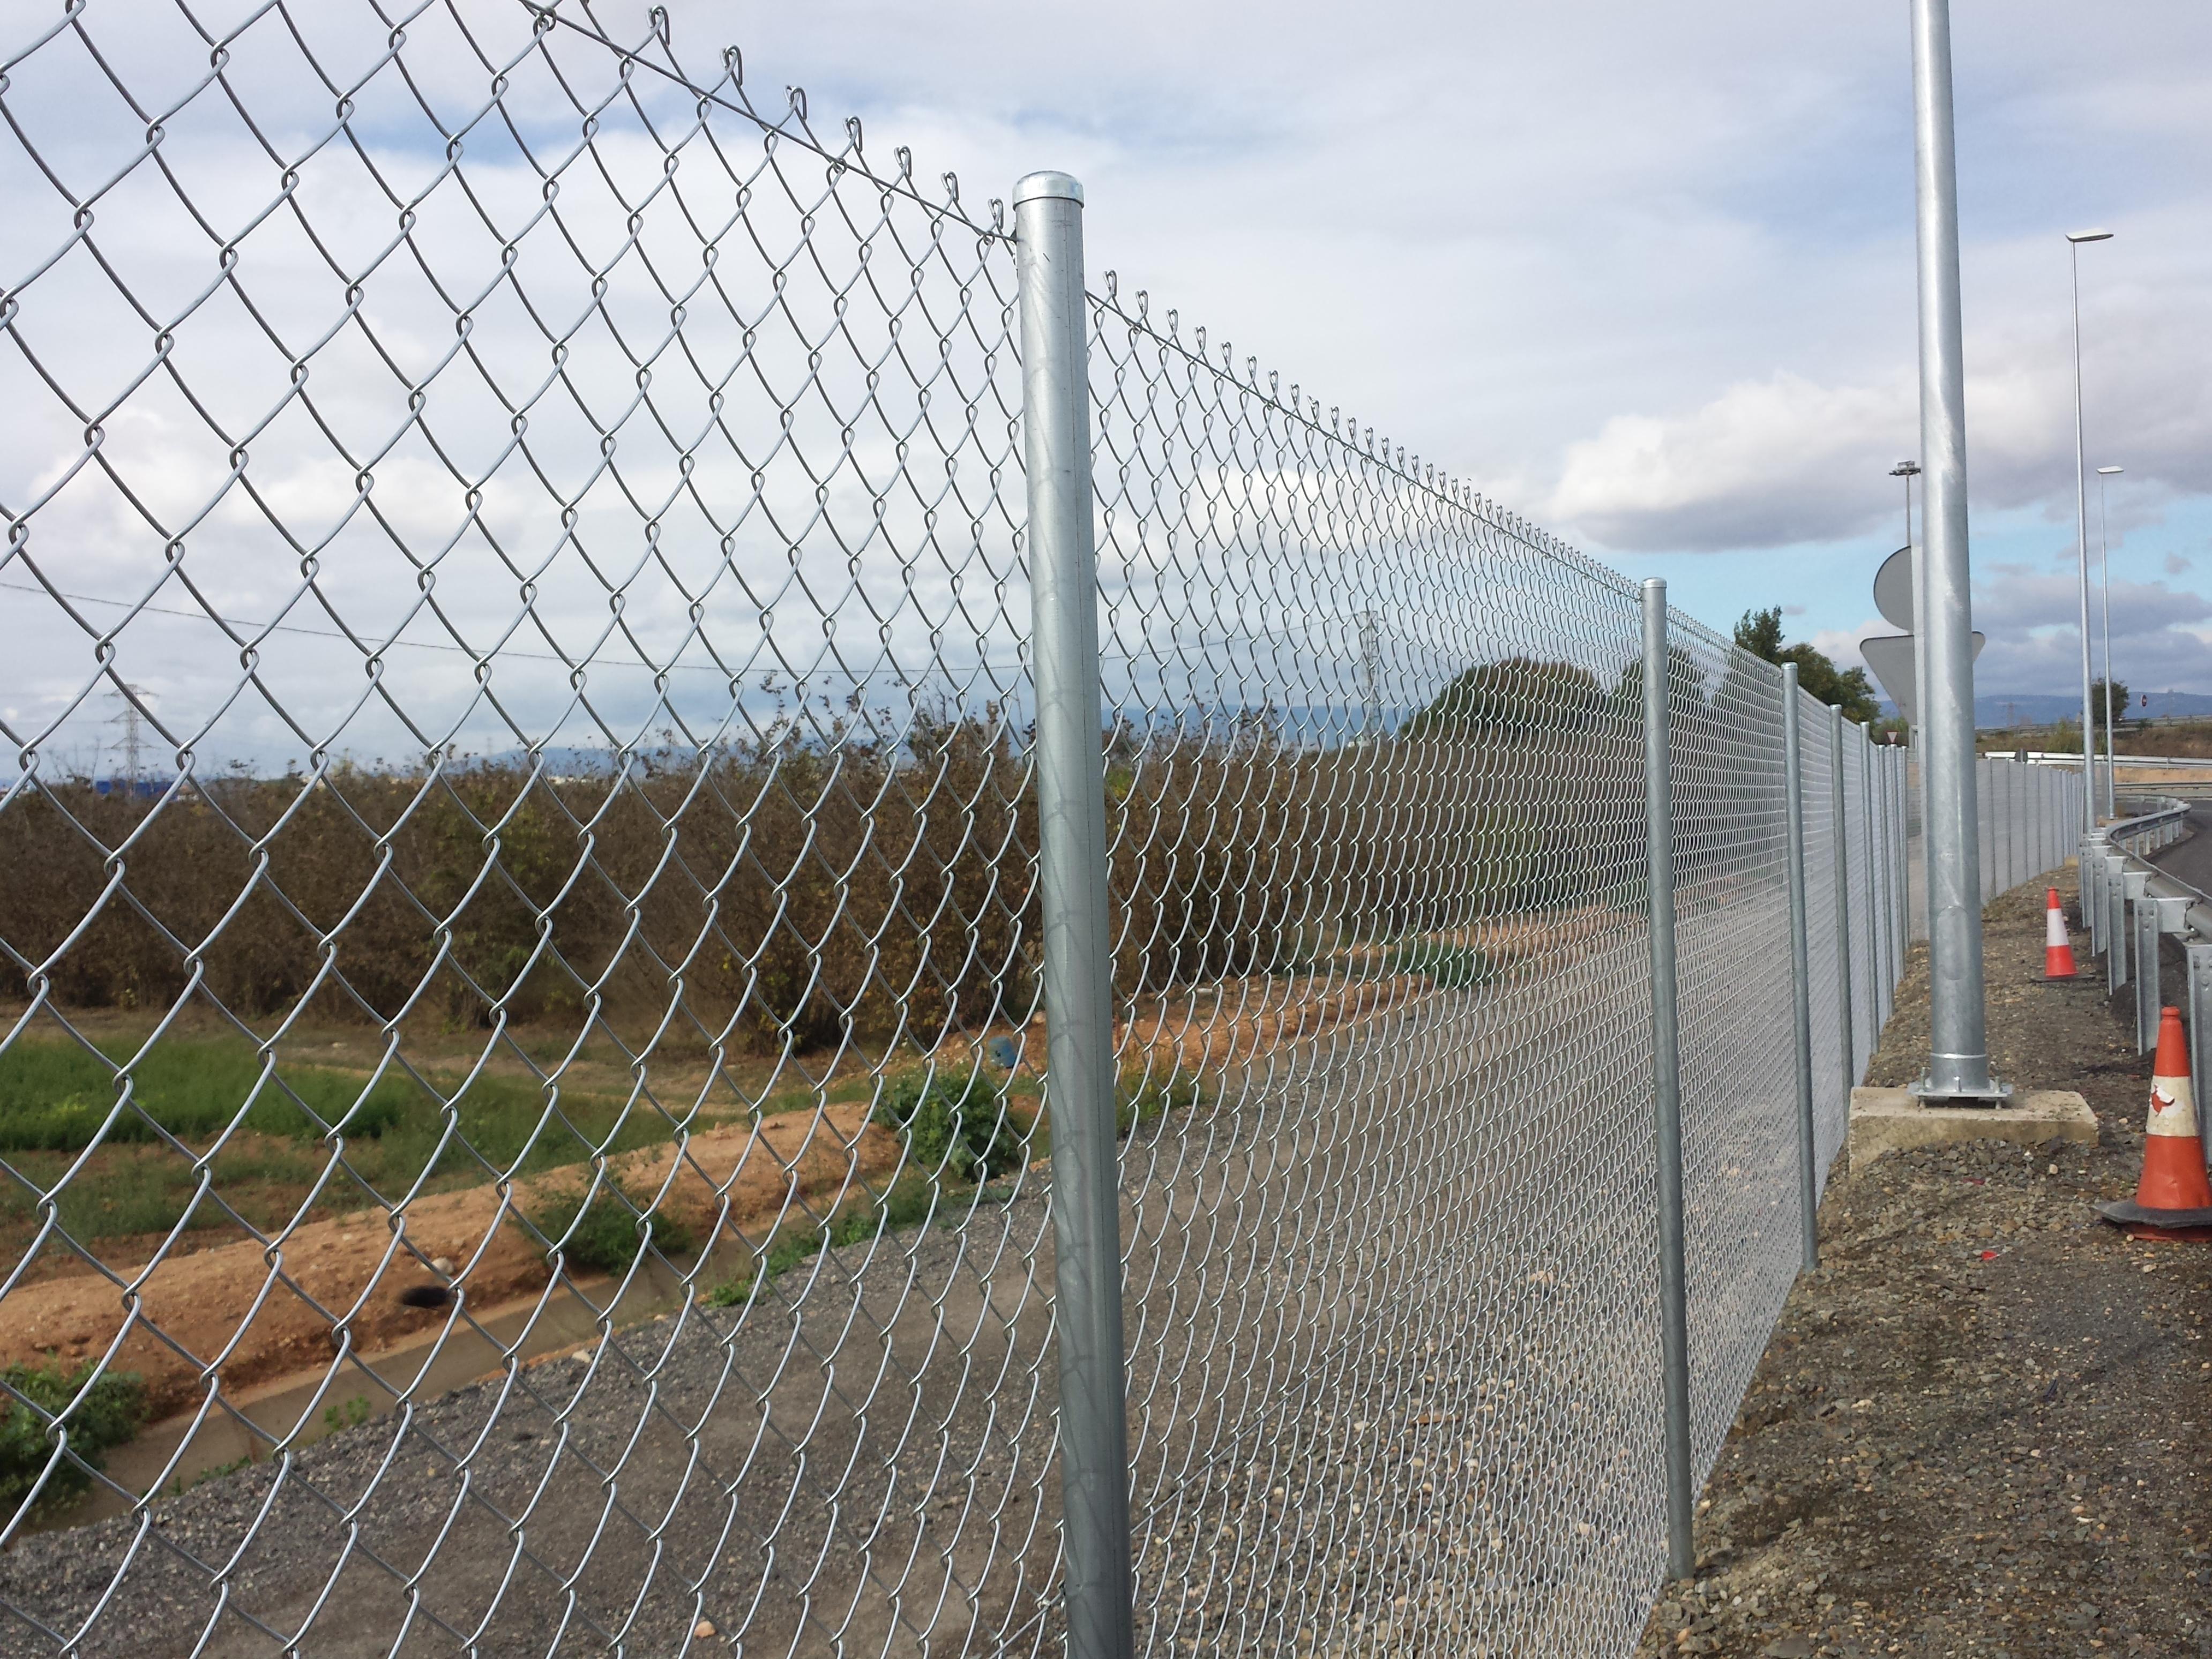 Montaje valla vallados cercados fincas malla anudada cinegetica ganadera - Precio vallar terreno ...